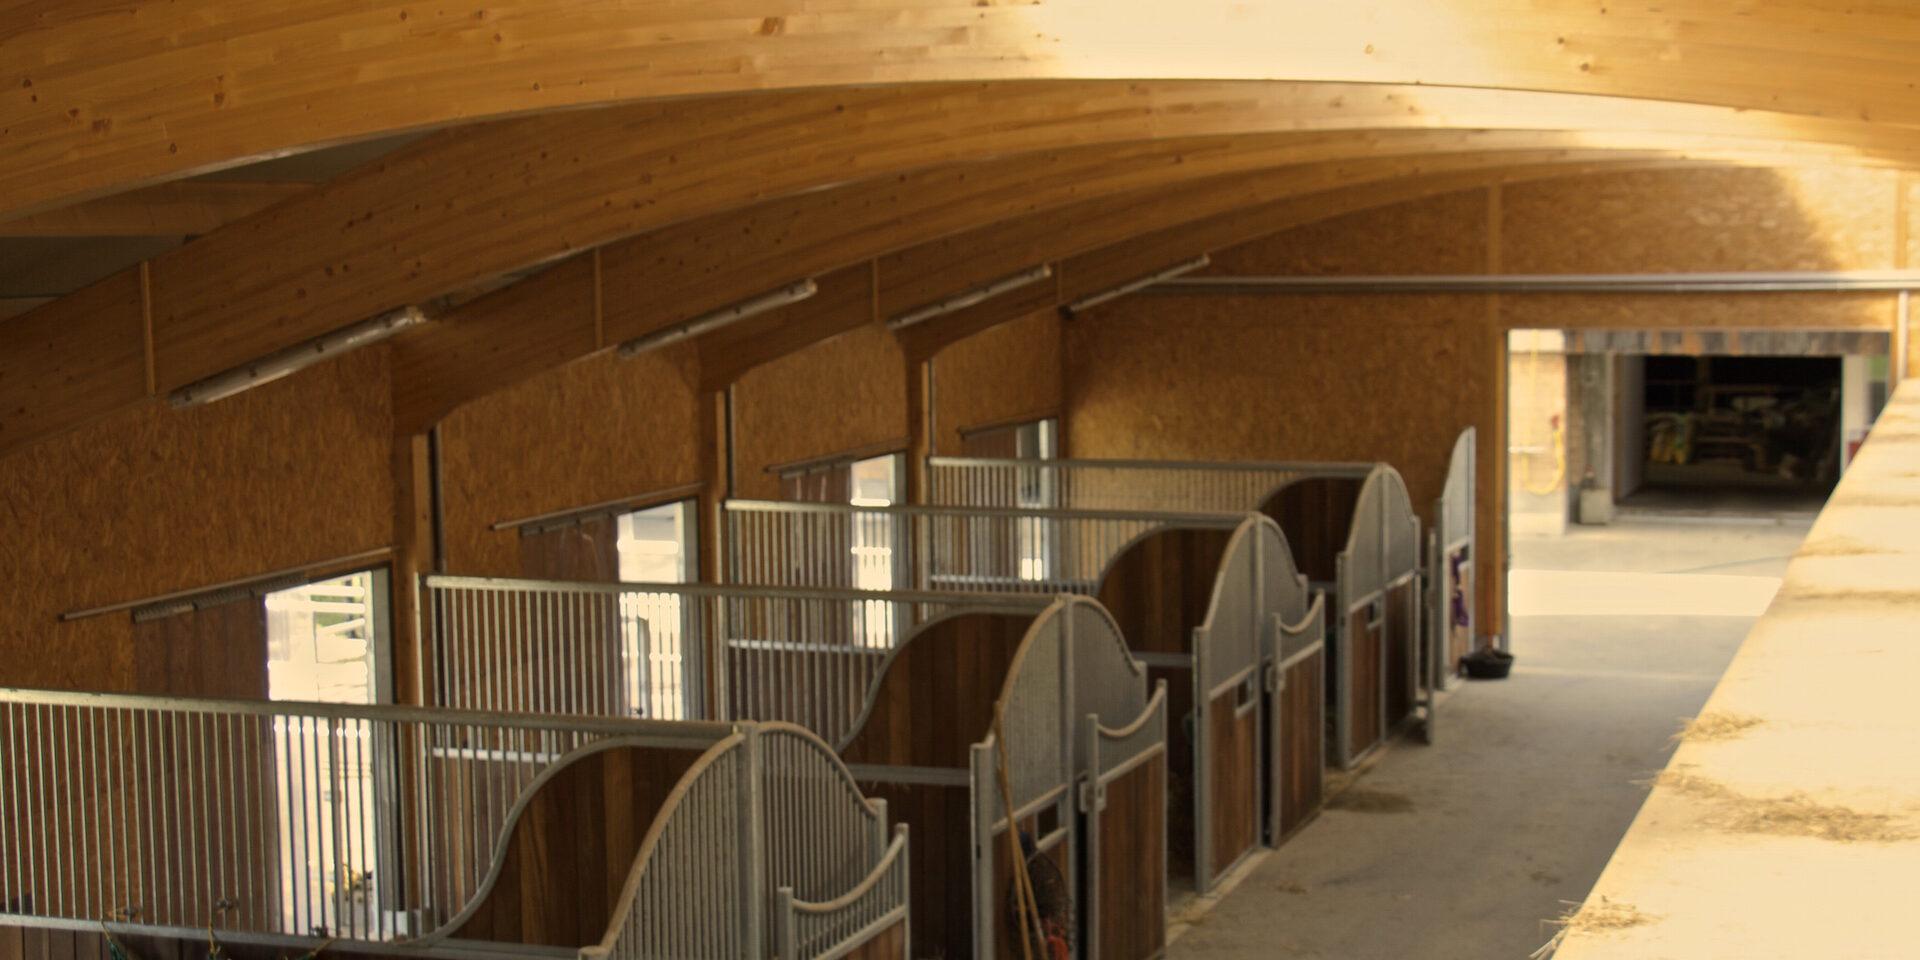 pferdeboxen-pferdepension-einzelhaltung